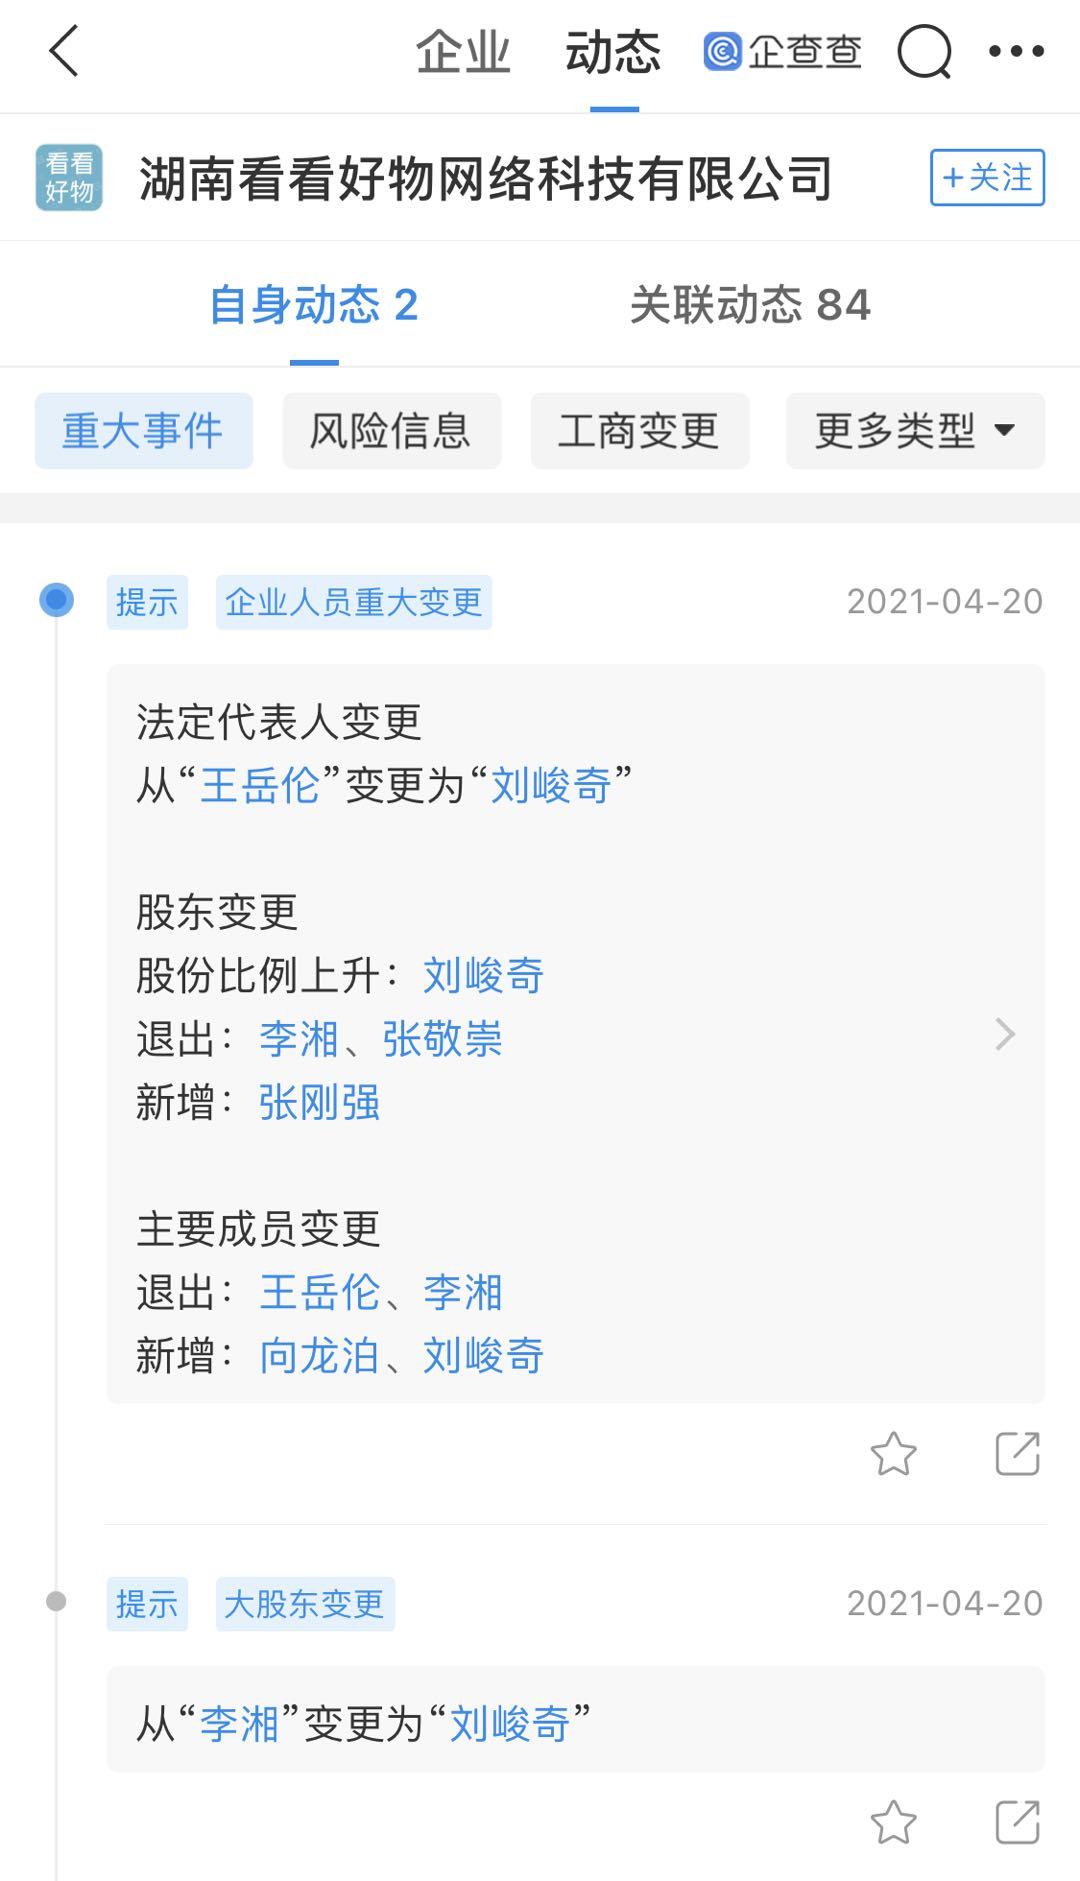 李湘王岳伦退出看看好物,退出前李湘持股50%